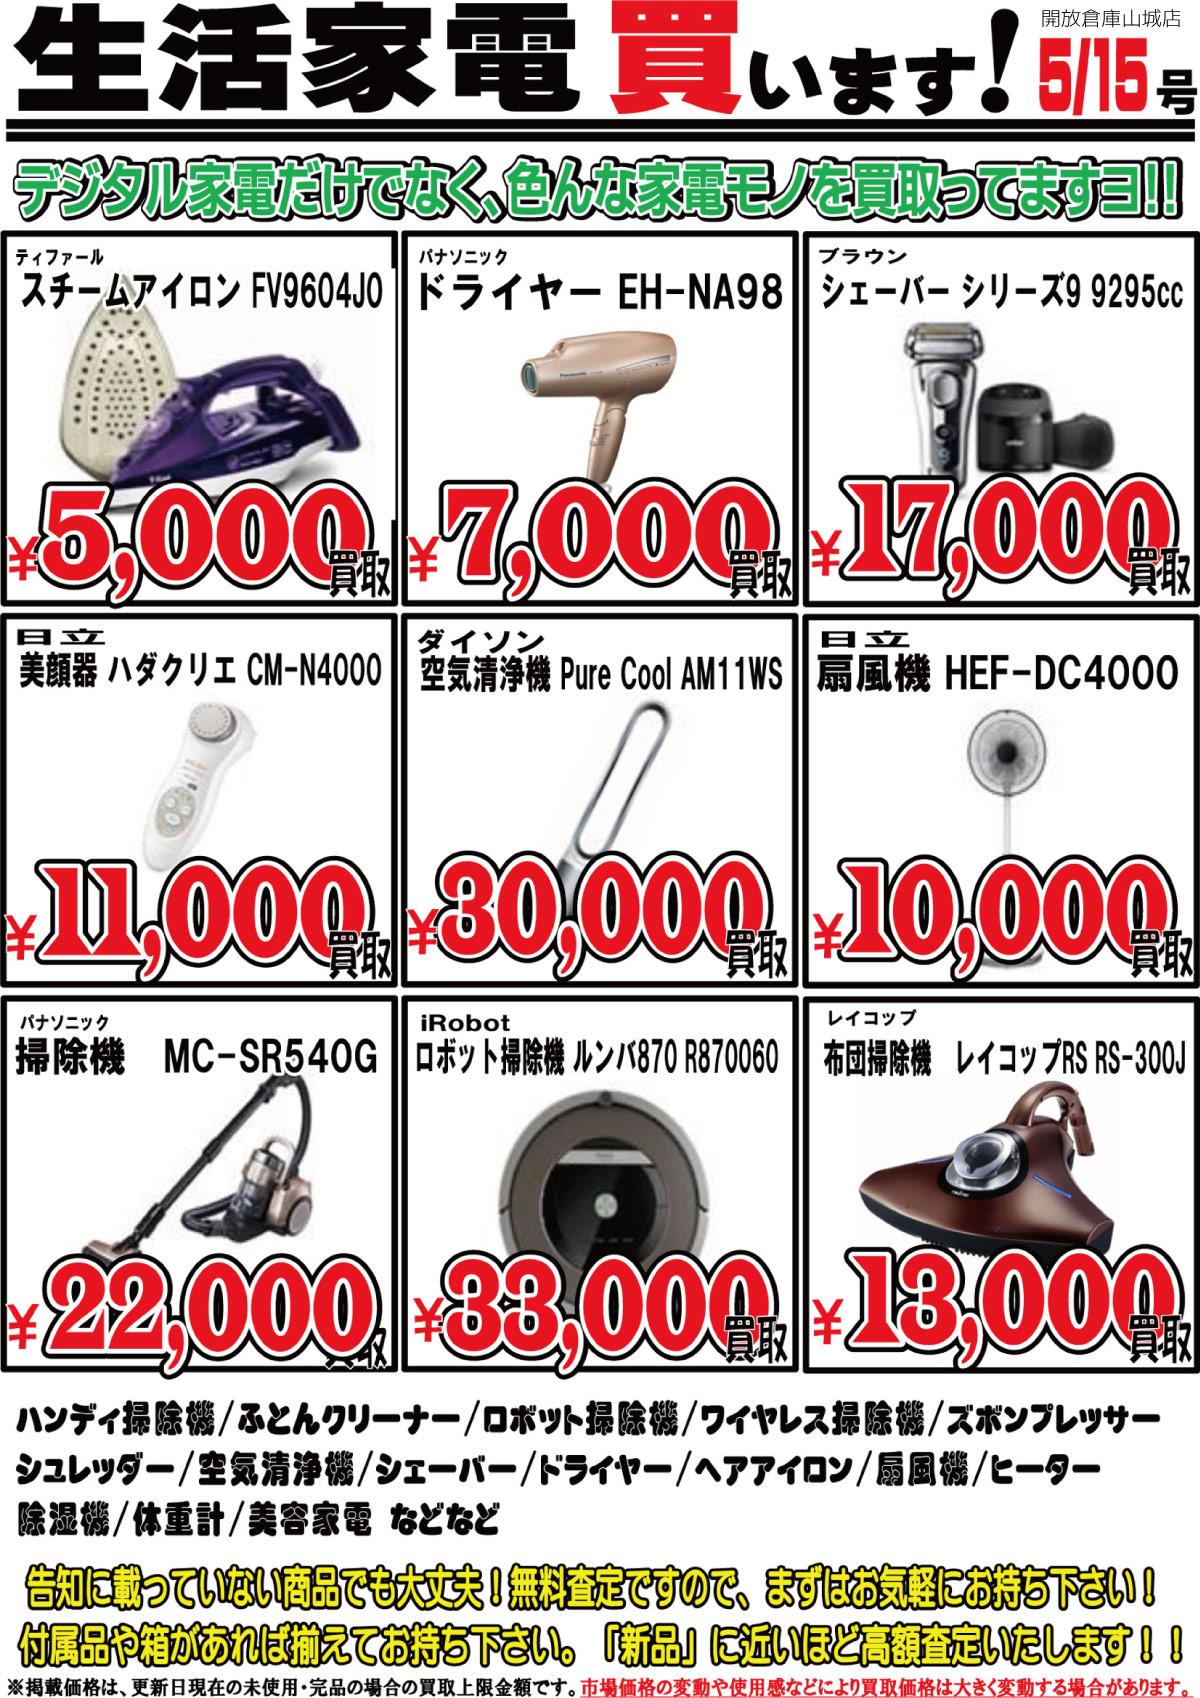 「開放倉庫山城店」生活家電買います!デジタル家電だけでなく、いろんな家電モノを買取ってますヨ!!(2017.05.15)